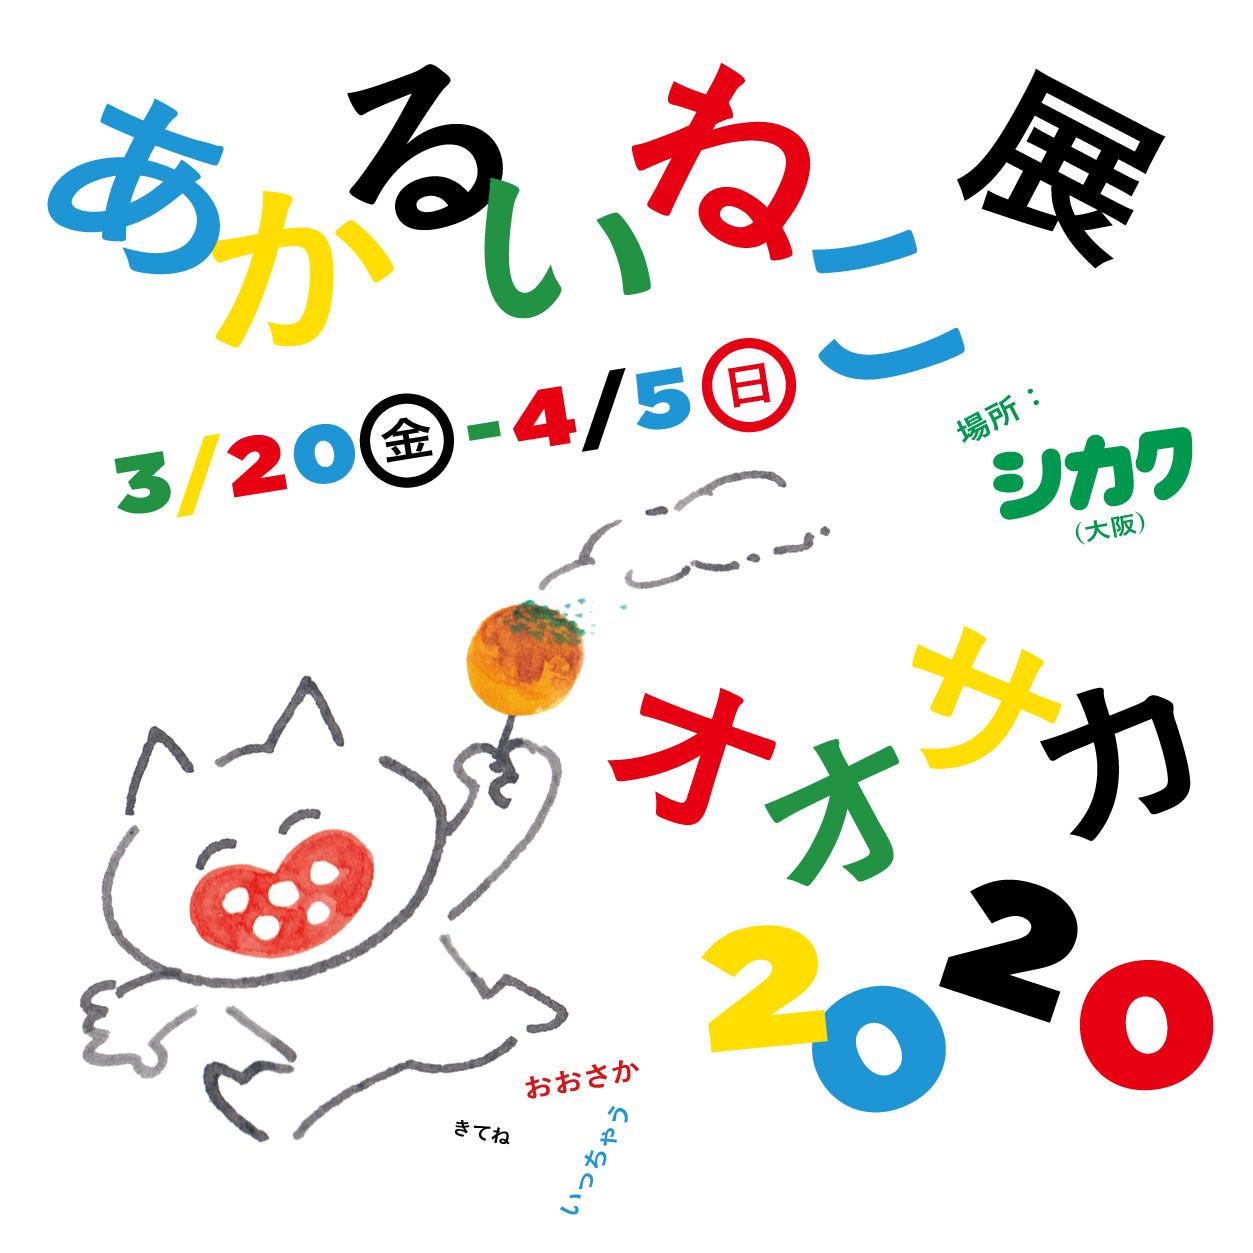 3/20-4/5 徳永明子「あかるいねこ展オオサカ2020」お願いとご注意